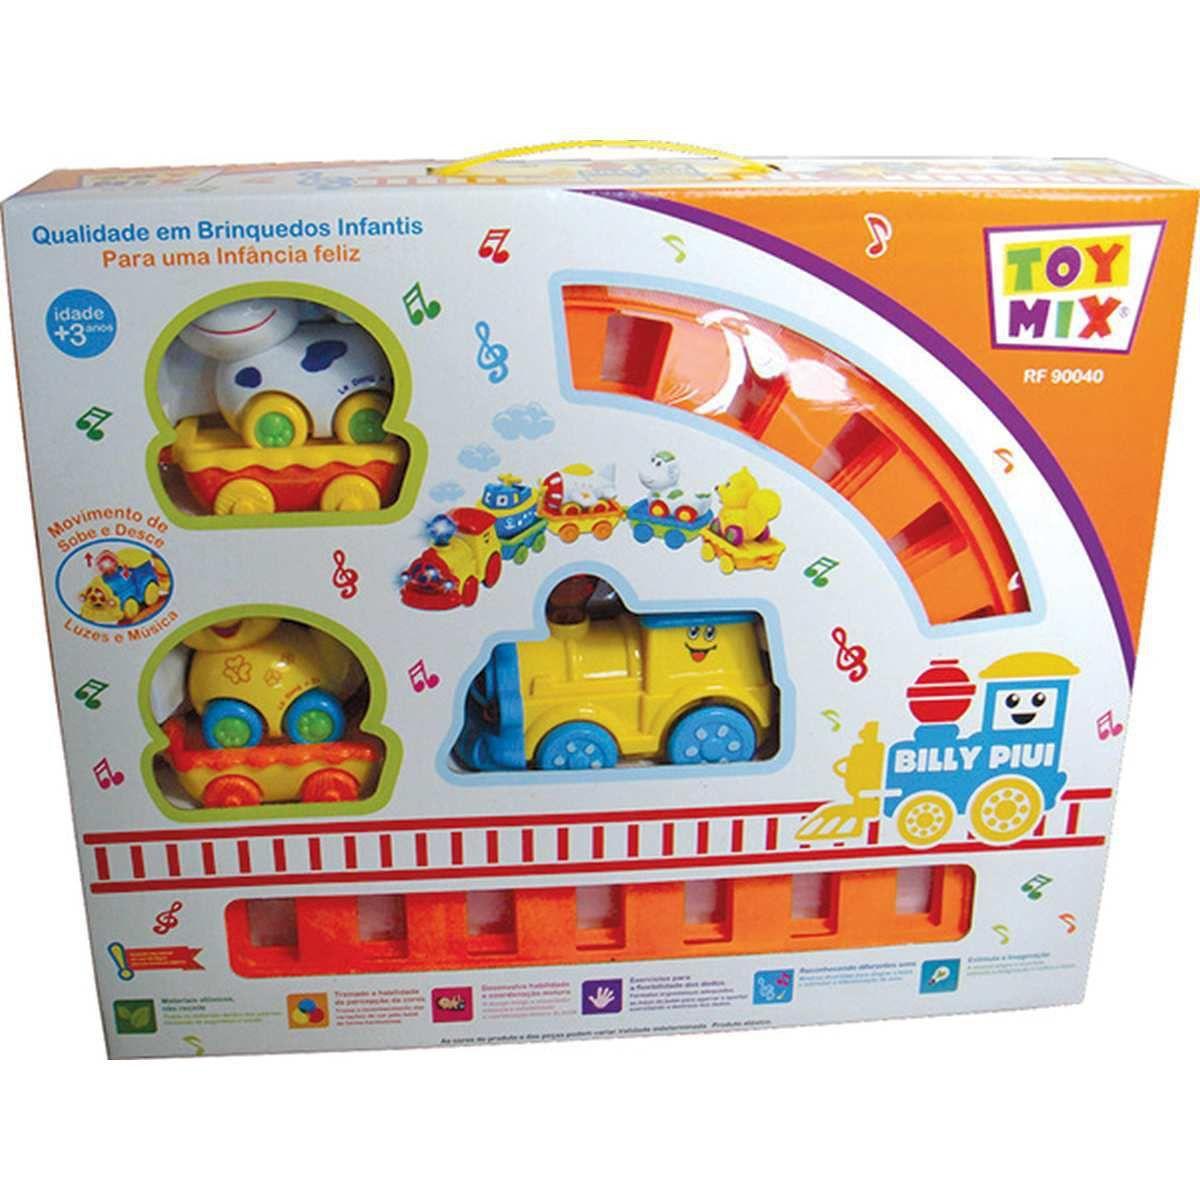 Brinquedo Educativo para Bebe Trem Billy Piui Toy Mix